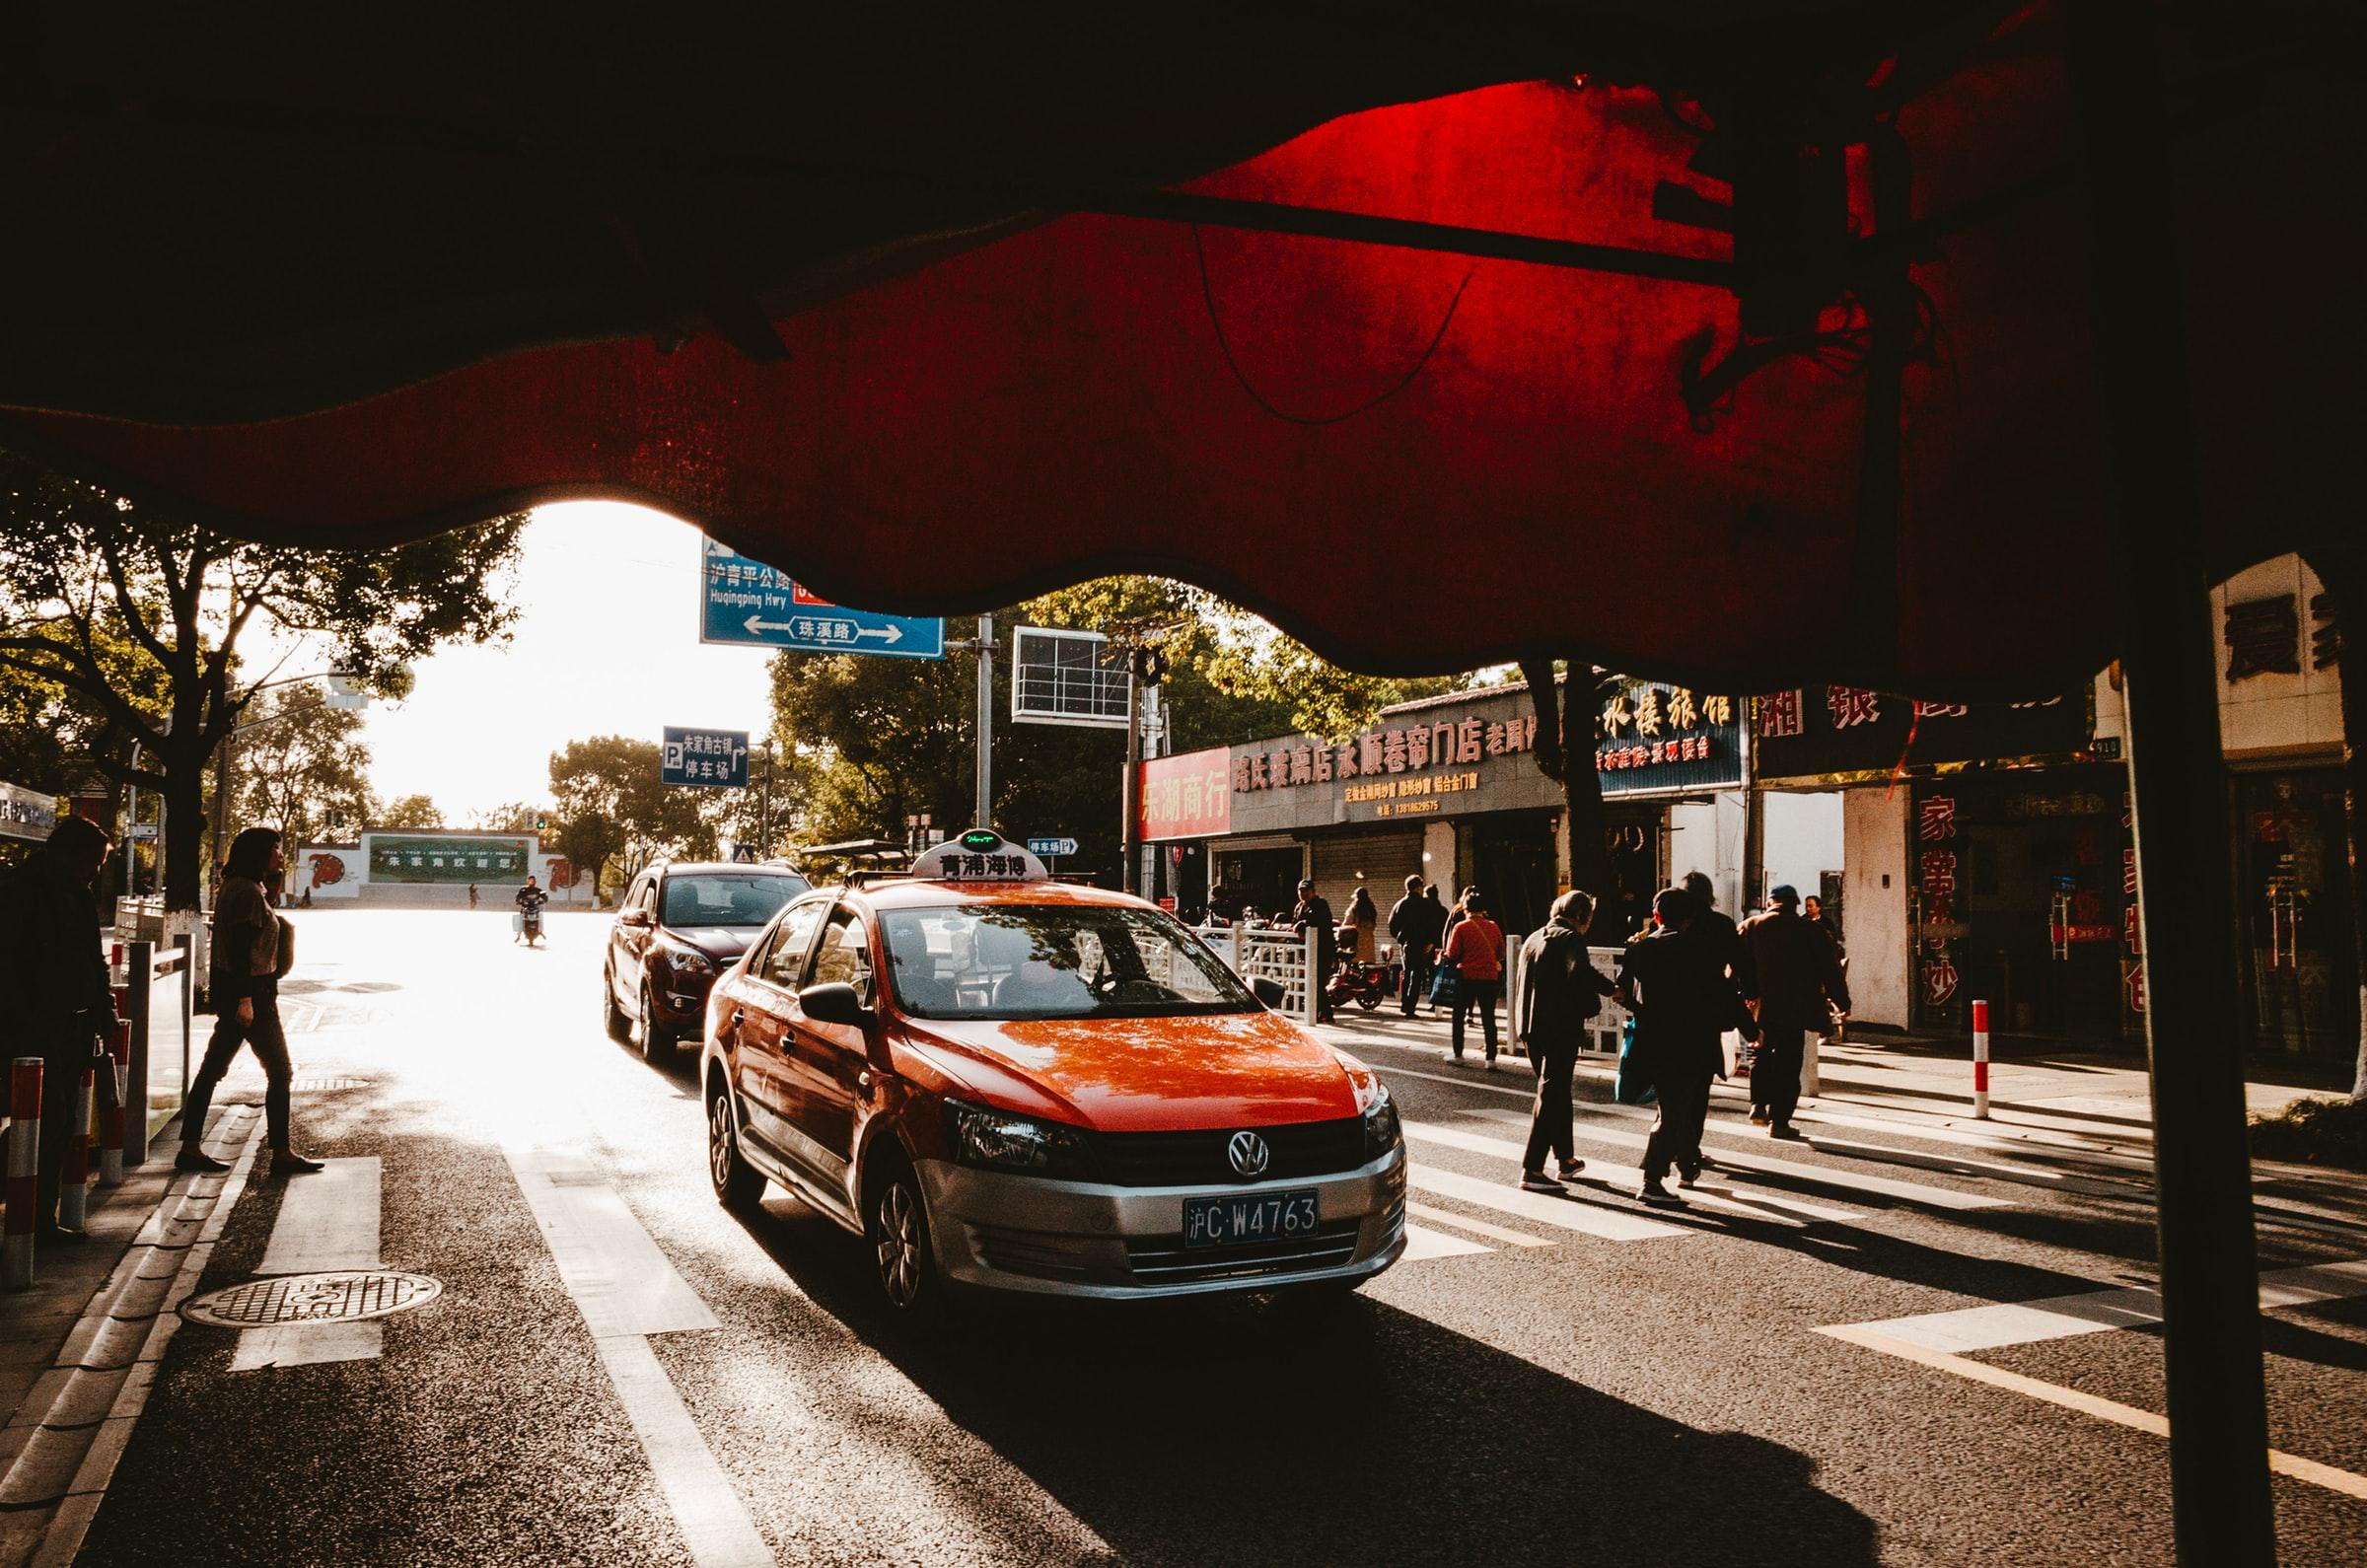 ข้อสอบใบขับขี่รถยนต์ 2563 หมวดกฎหมายว่าด้วยรถยนต์